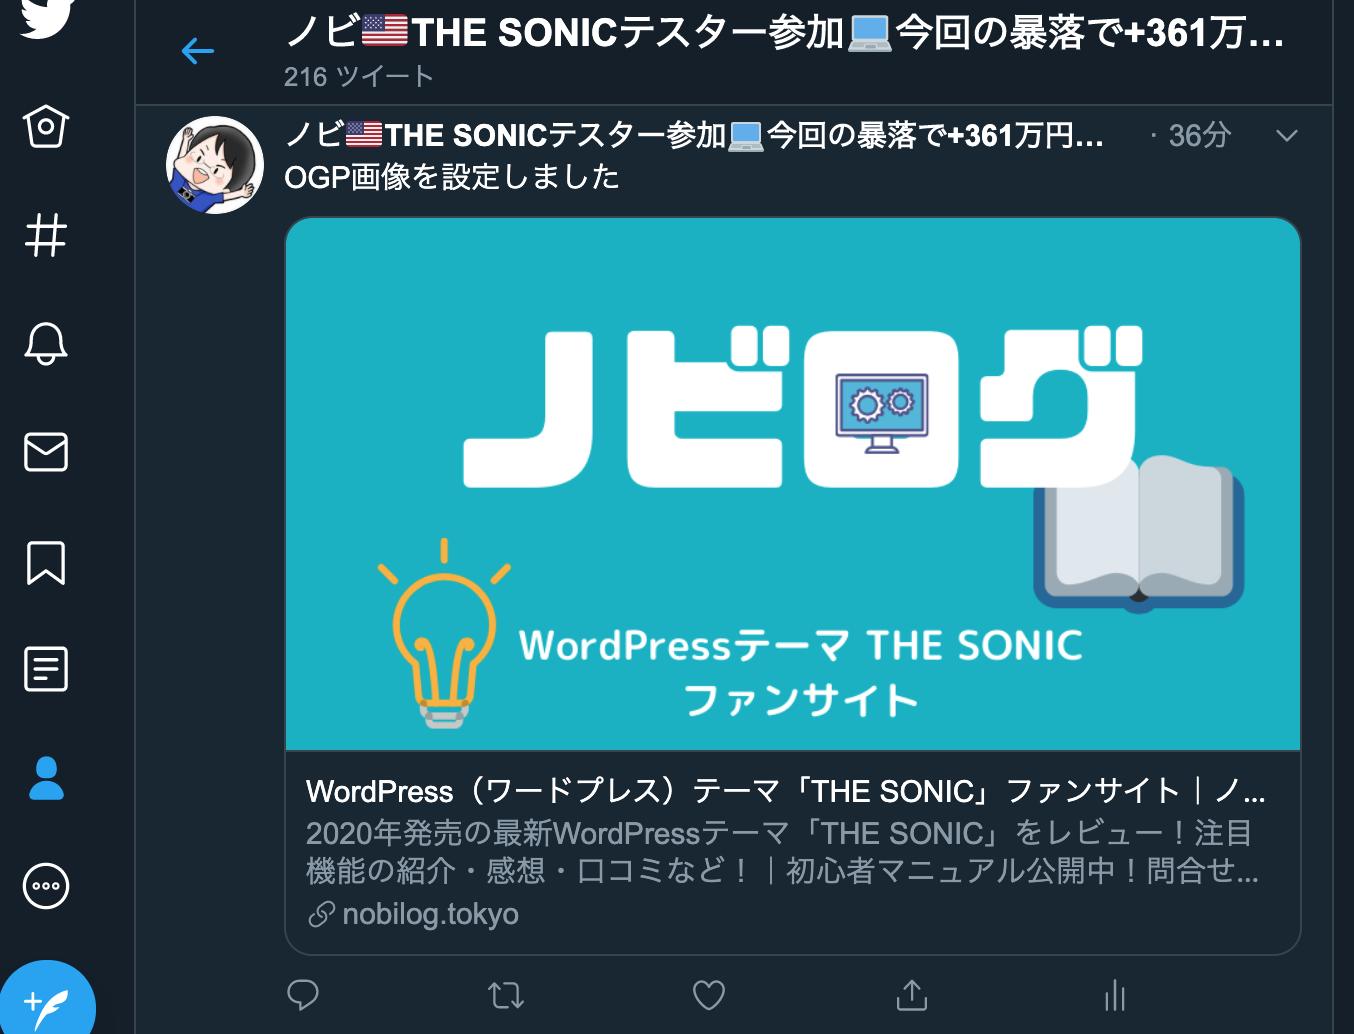 WordPress(ワードプレス)テーマ「THE SONIC」でOGPサムネ画像をアップしてSNSにブログのリンクを貼る際に画像を表示する方法1